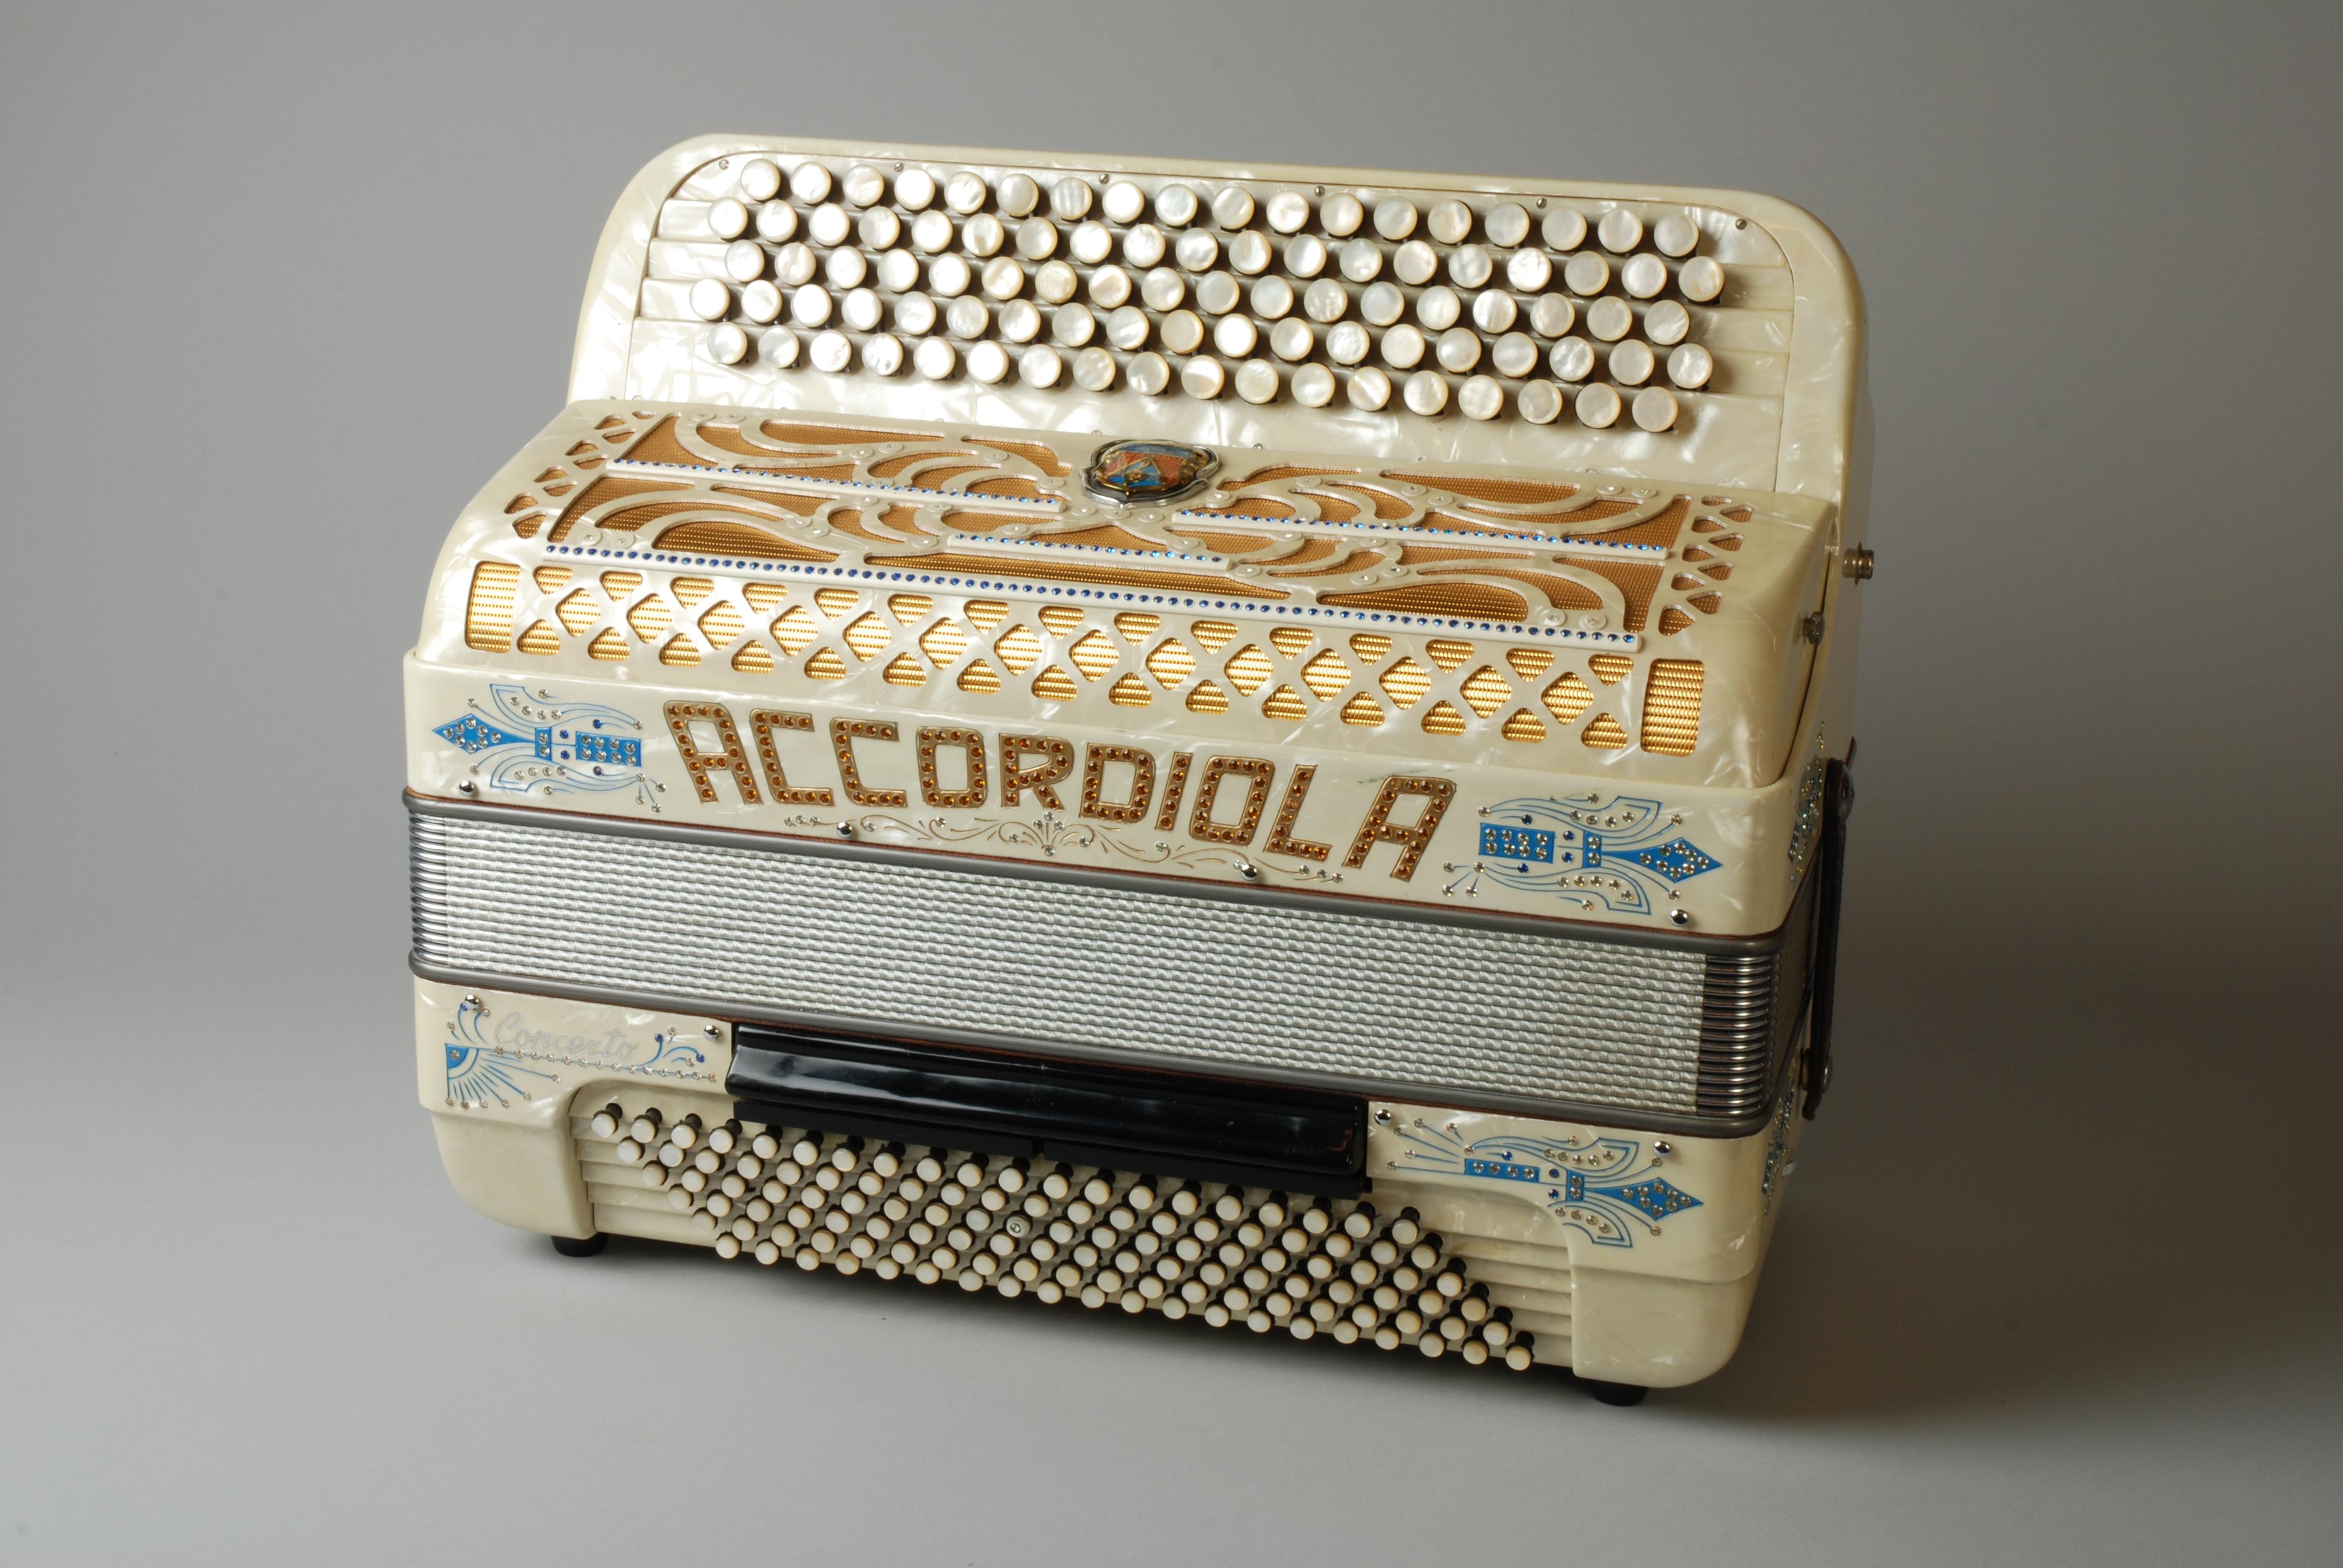 Accordeon van Jaap Valkhoff, in koffer, met leren draagriem en lijst met liedjes